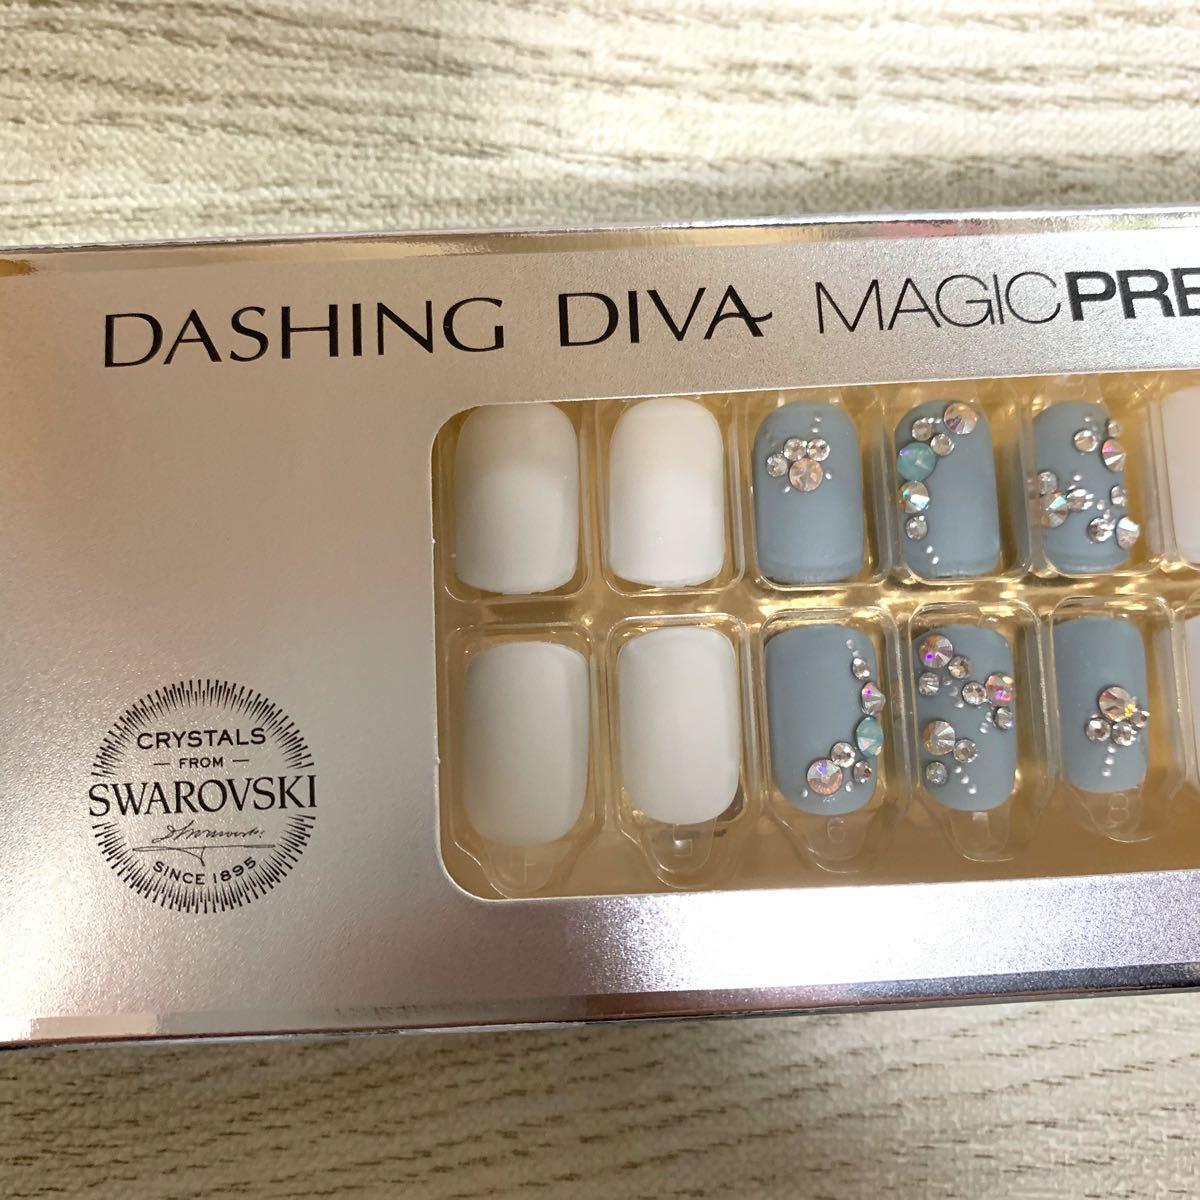 【スワロフスキーコレクション】DASHINGDIVA ダッシングディバ マジックプレス ネイルチップ マット スペシャル